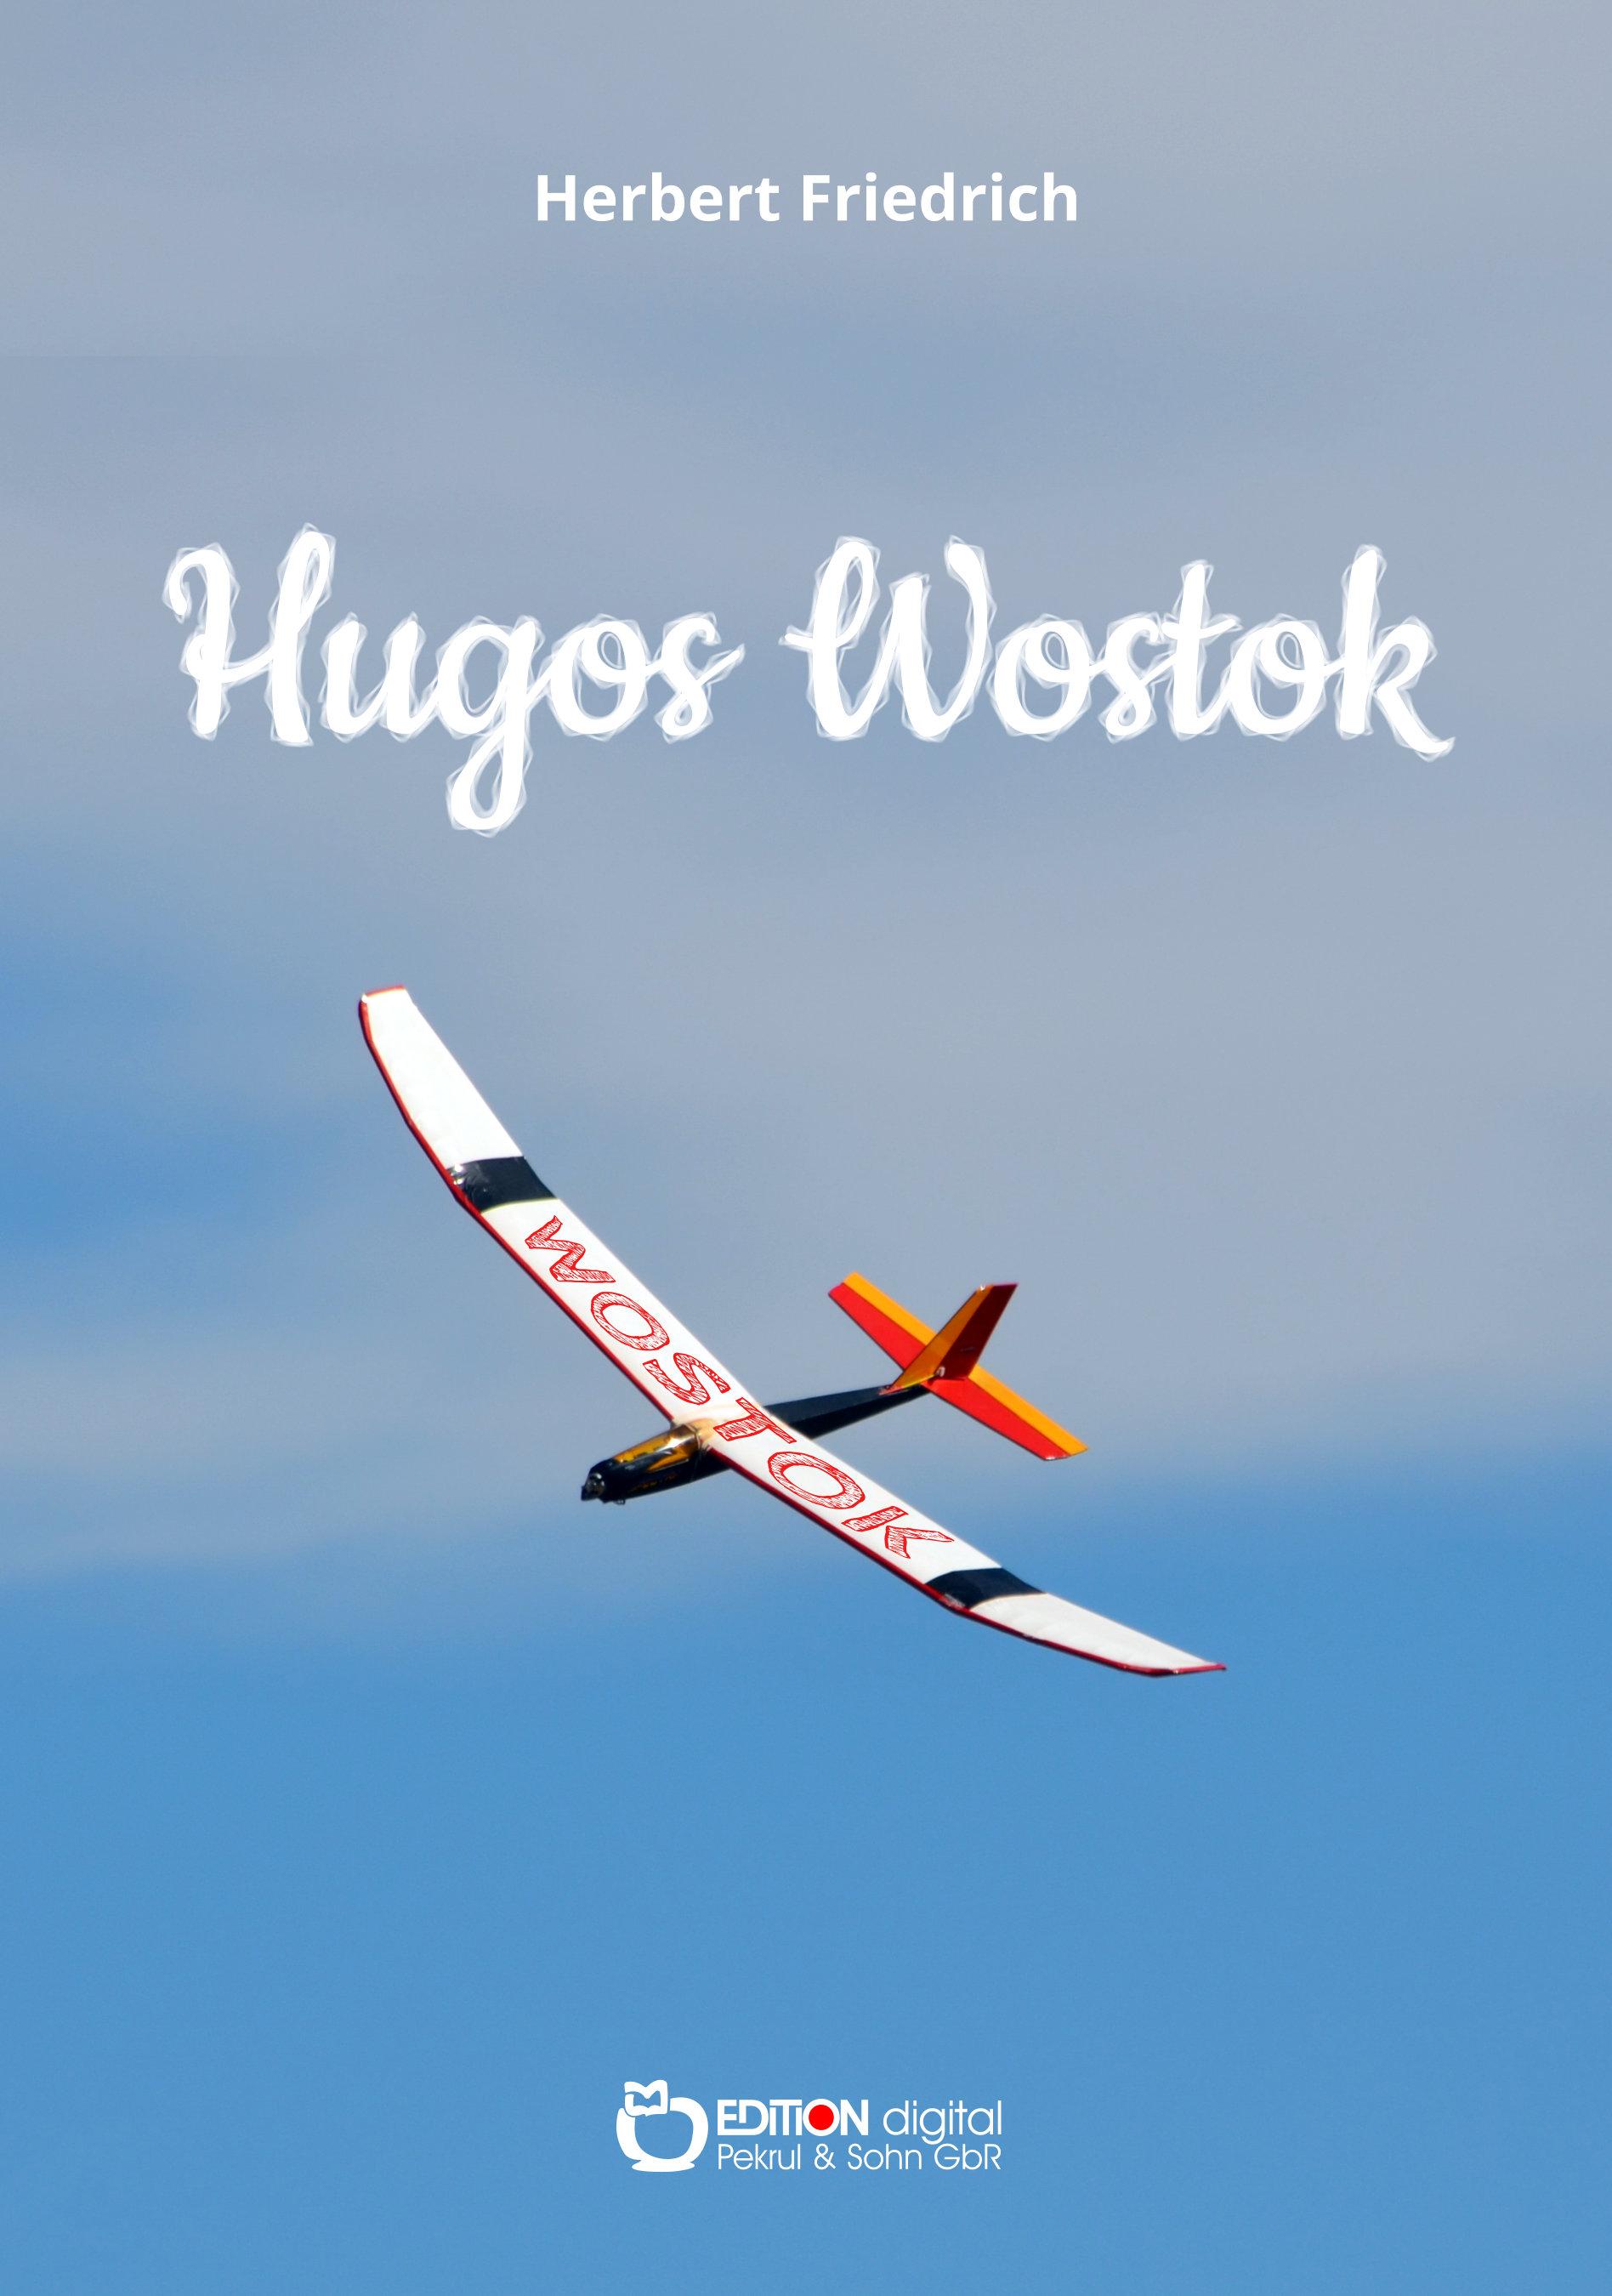 """Hugos """"Wostok"""" von Herbert Friedrich"""